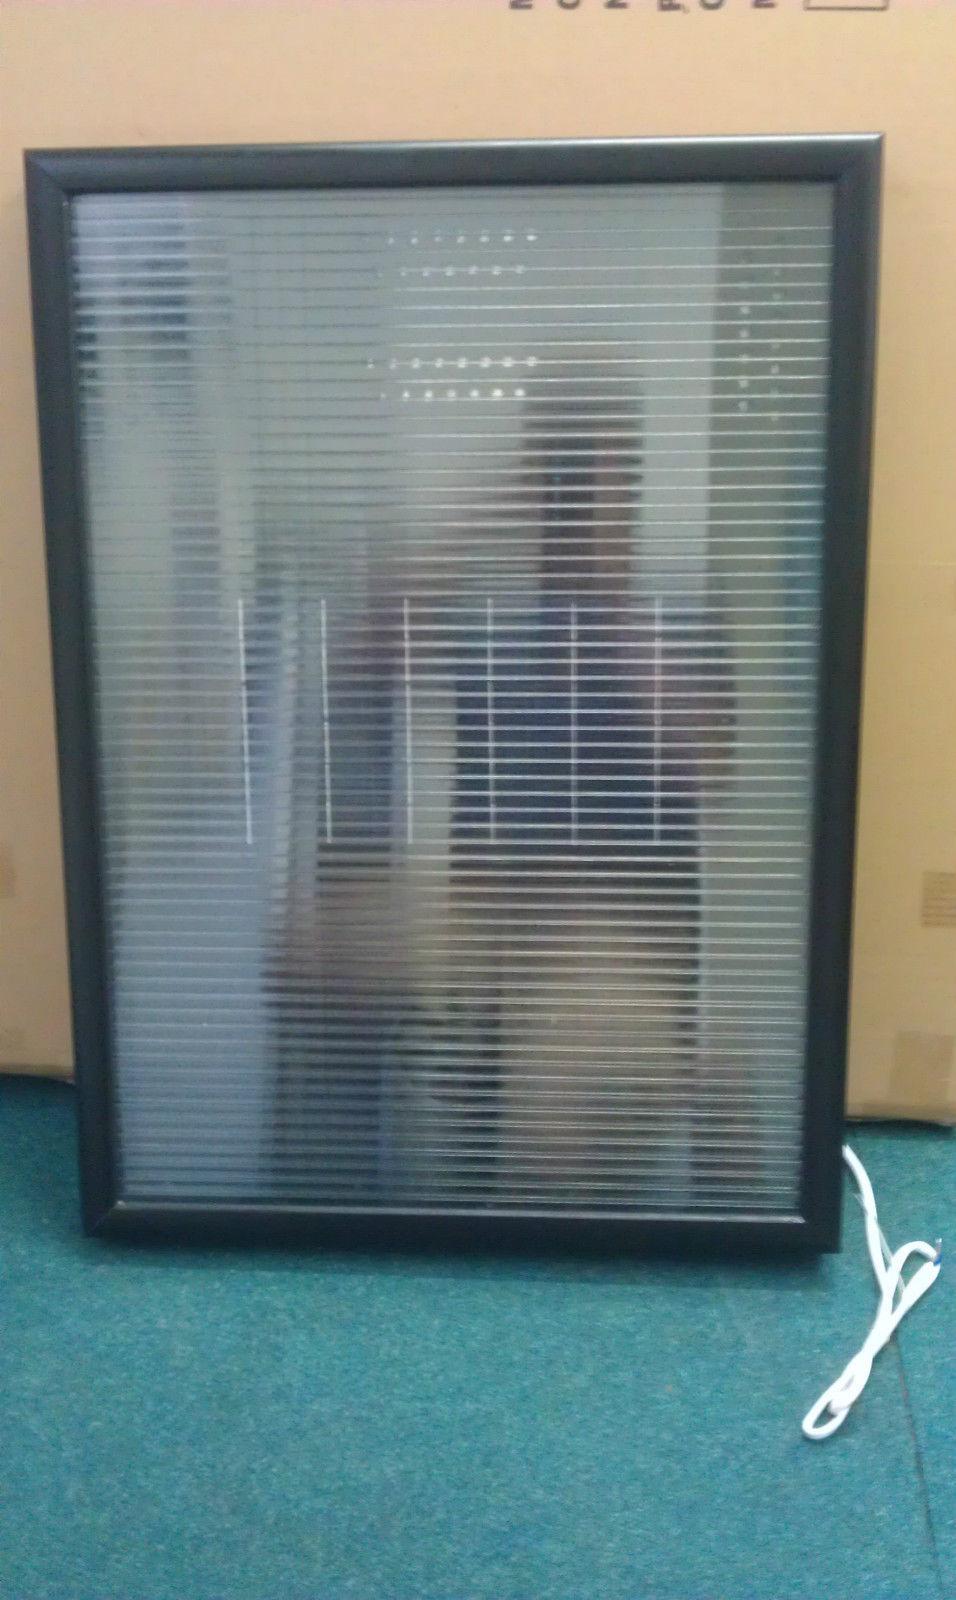 Aria Nel Pannello Solare : Collettore pannello solare ad aria w termico